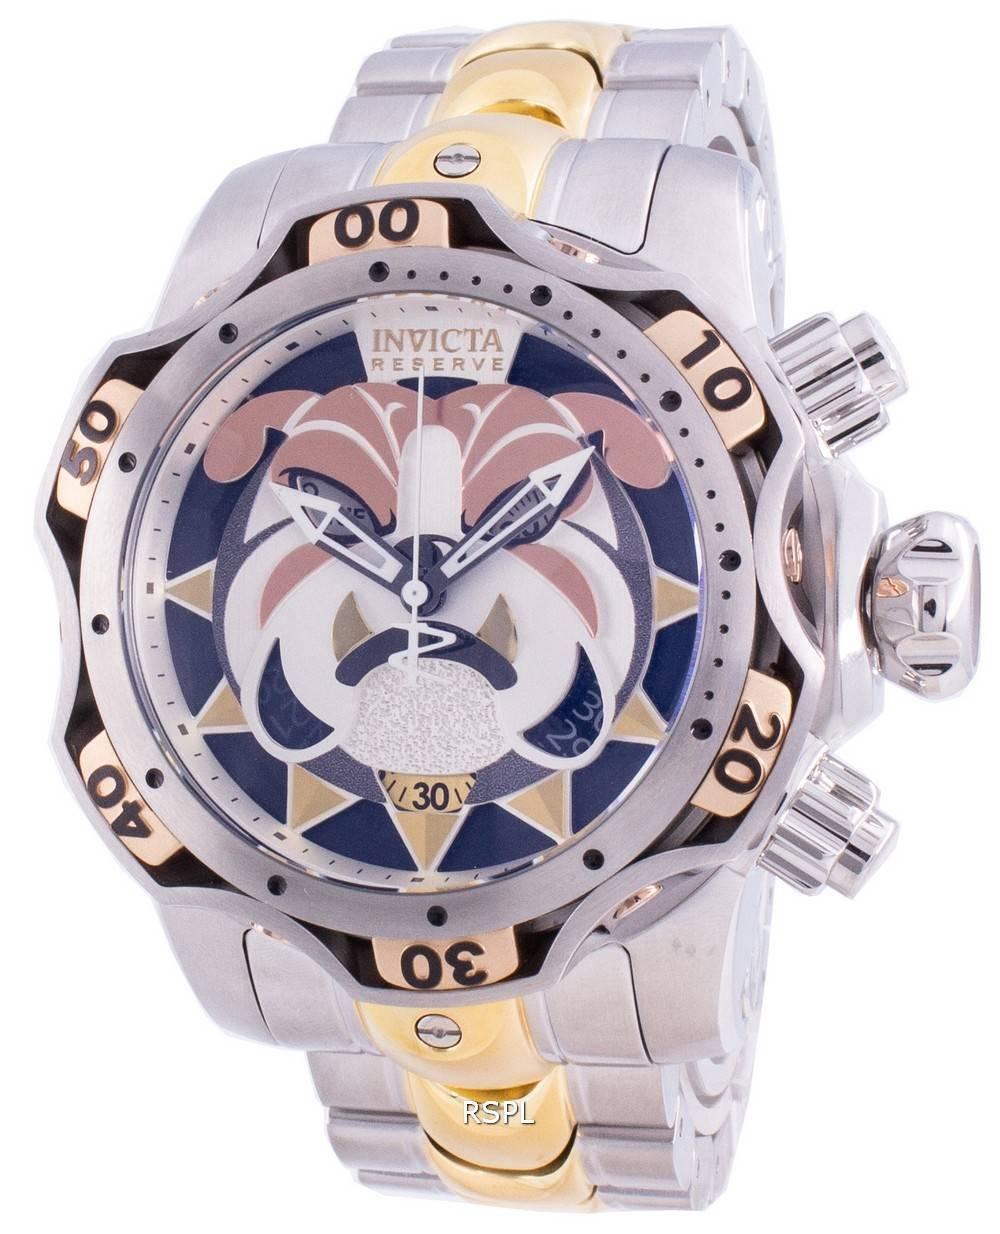 インビクタリザーブヴェノム30343クォーツクロノグラフ1000Mメンズ腕時計